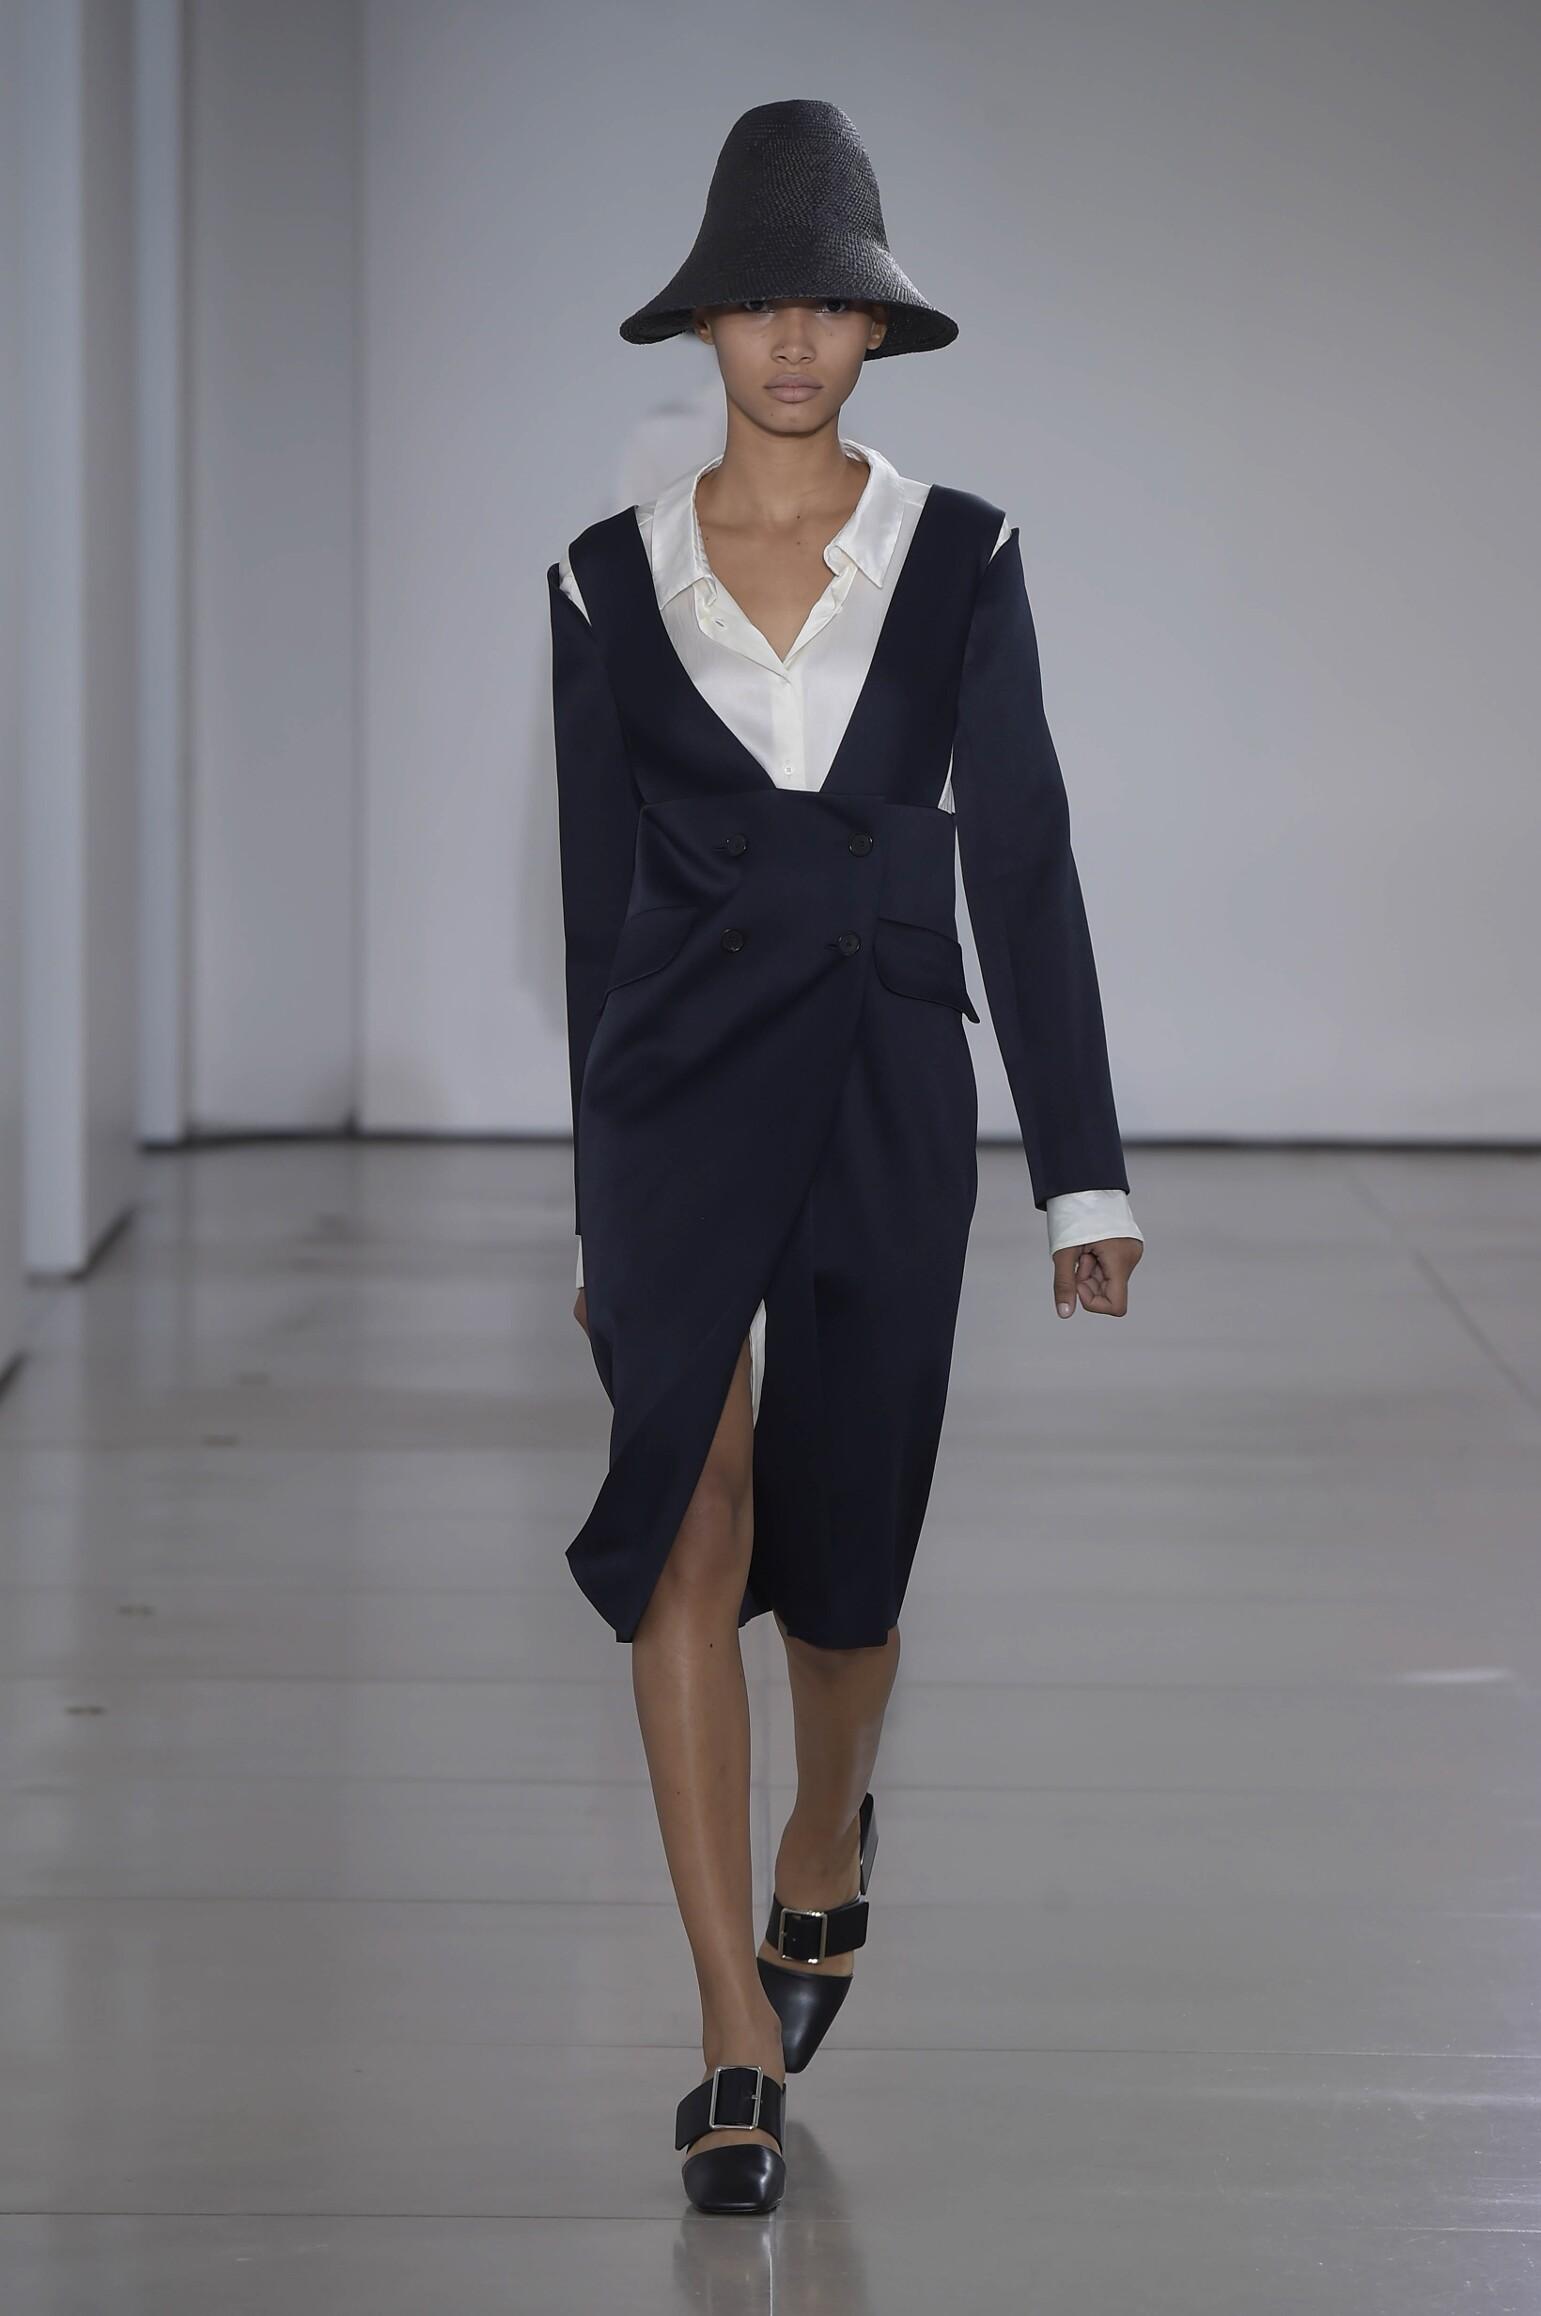 Fashion Woman Model Jil Sander Catwalk